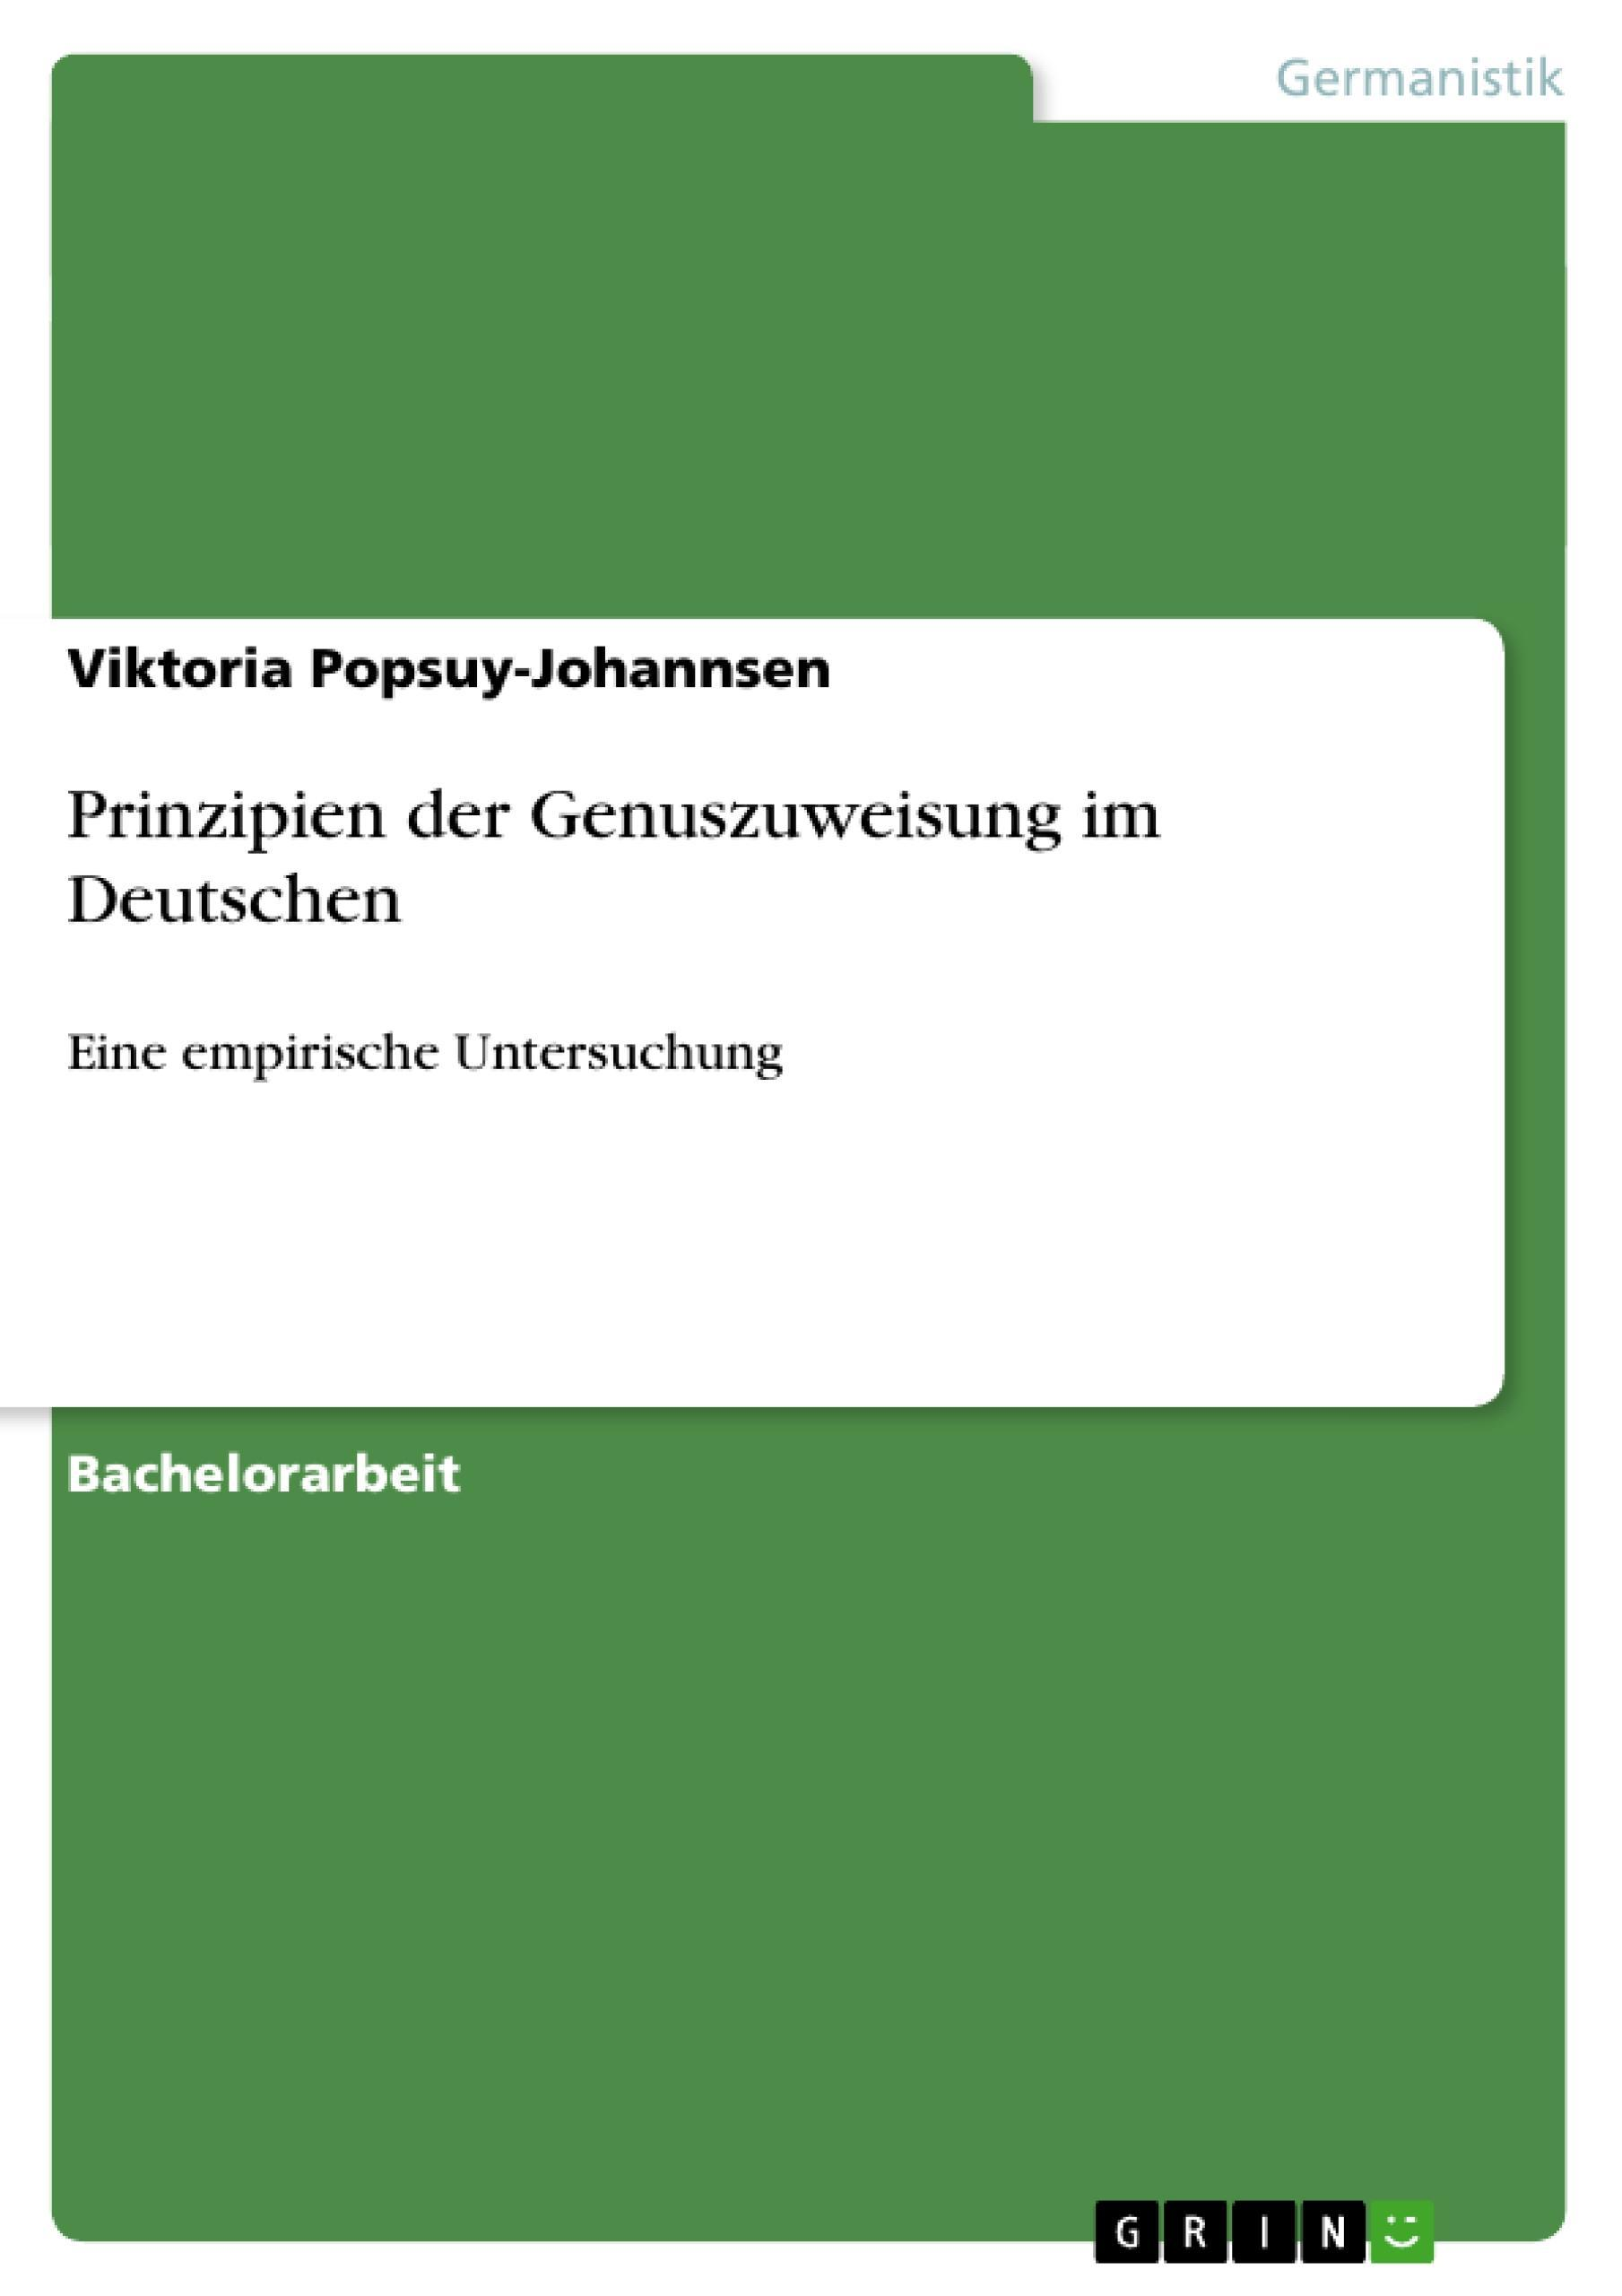 Prinzipien der Genuszuweisung im Deutschen Viktoria Popsuy-Johannsen